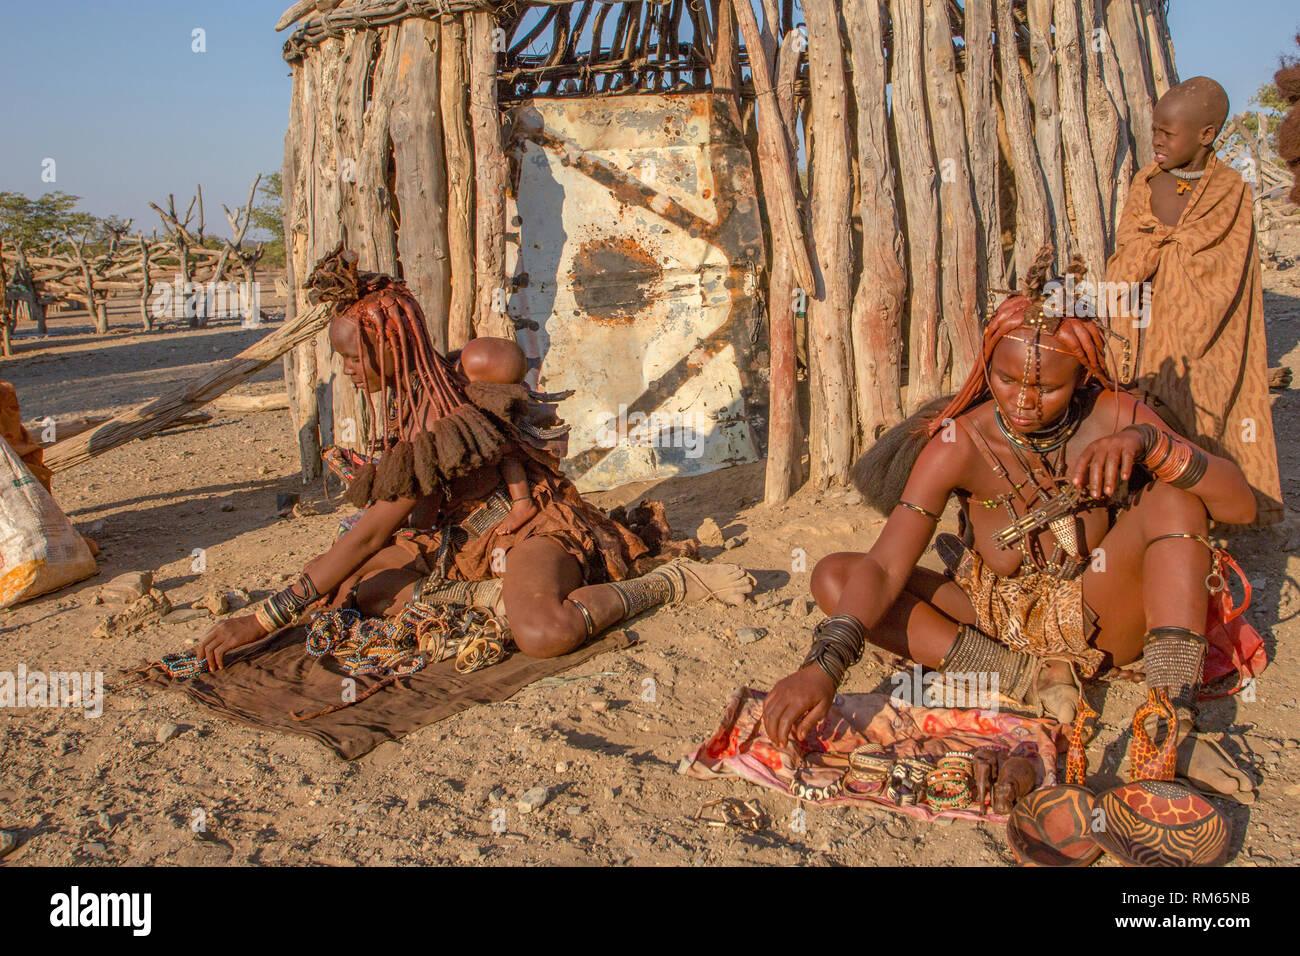 Himba village, Kaokoveld, Namibia, Africa - Stock Image